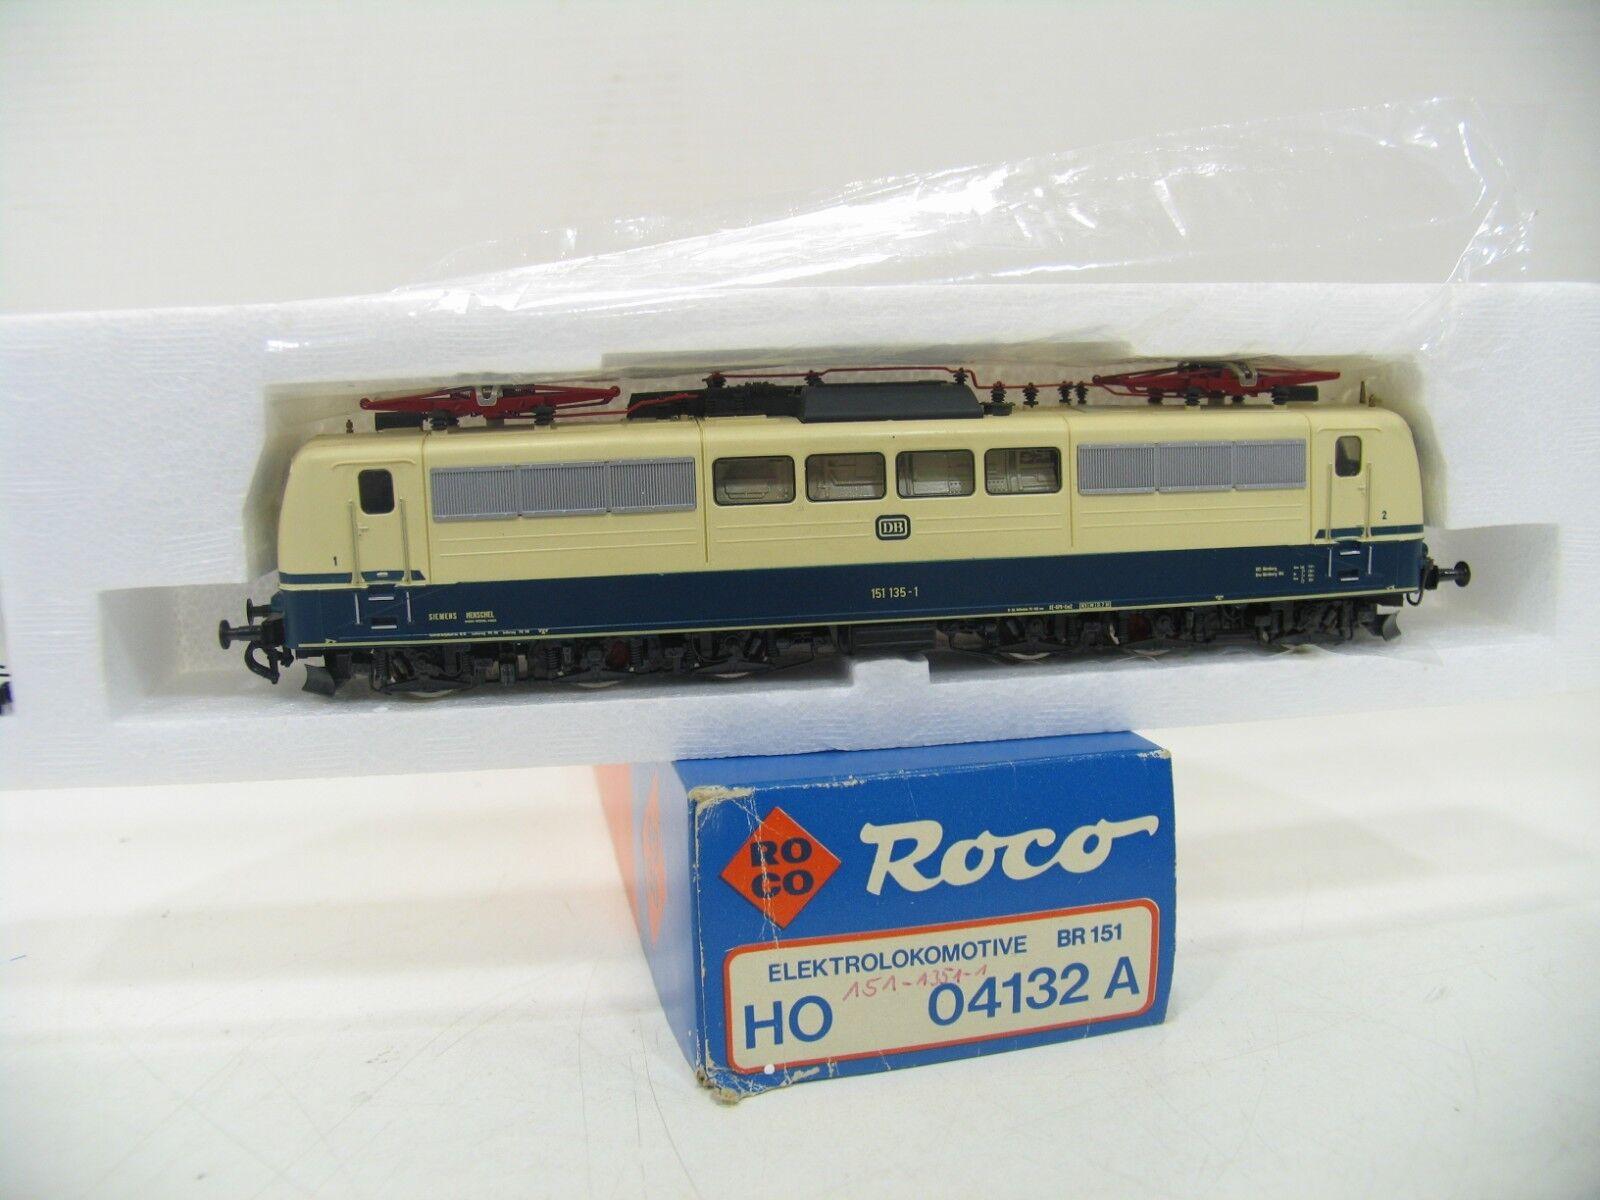 ROCO 04132 E-Lok BR 151135-1 Blu Beige della DB wm261